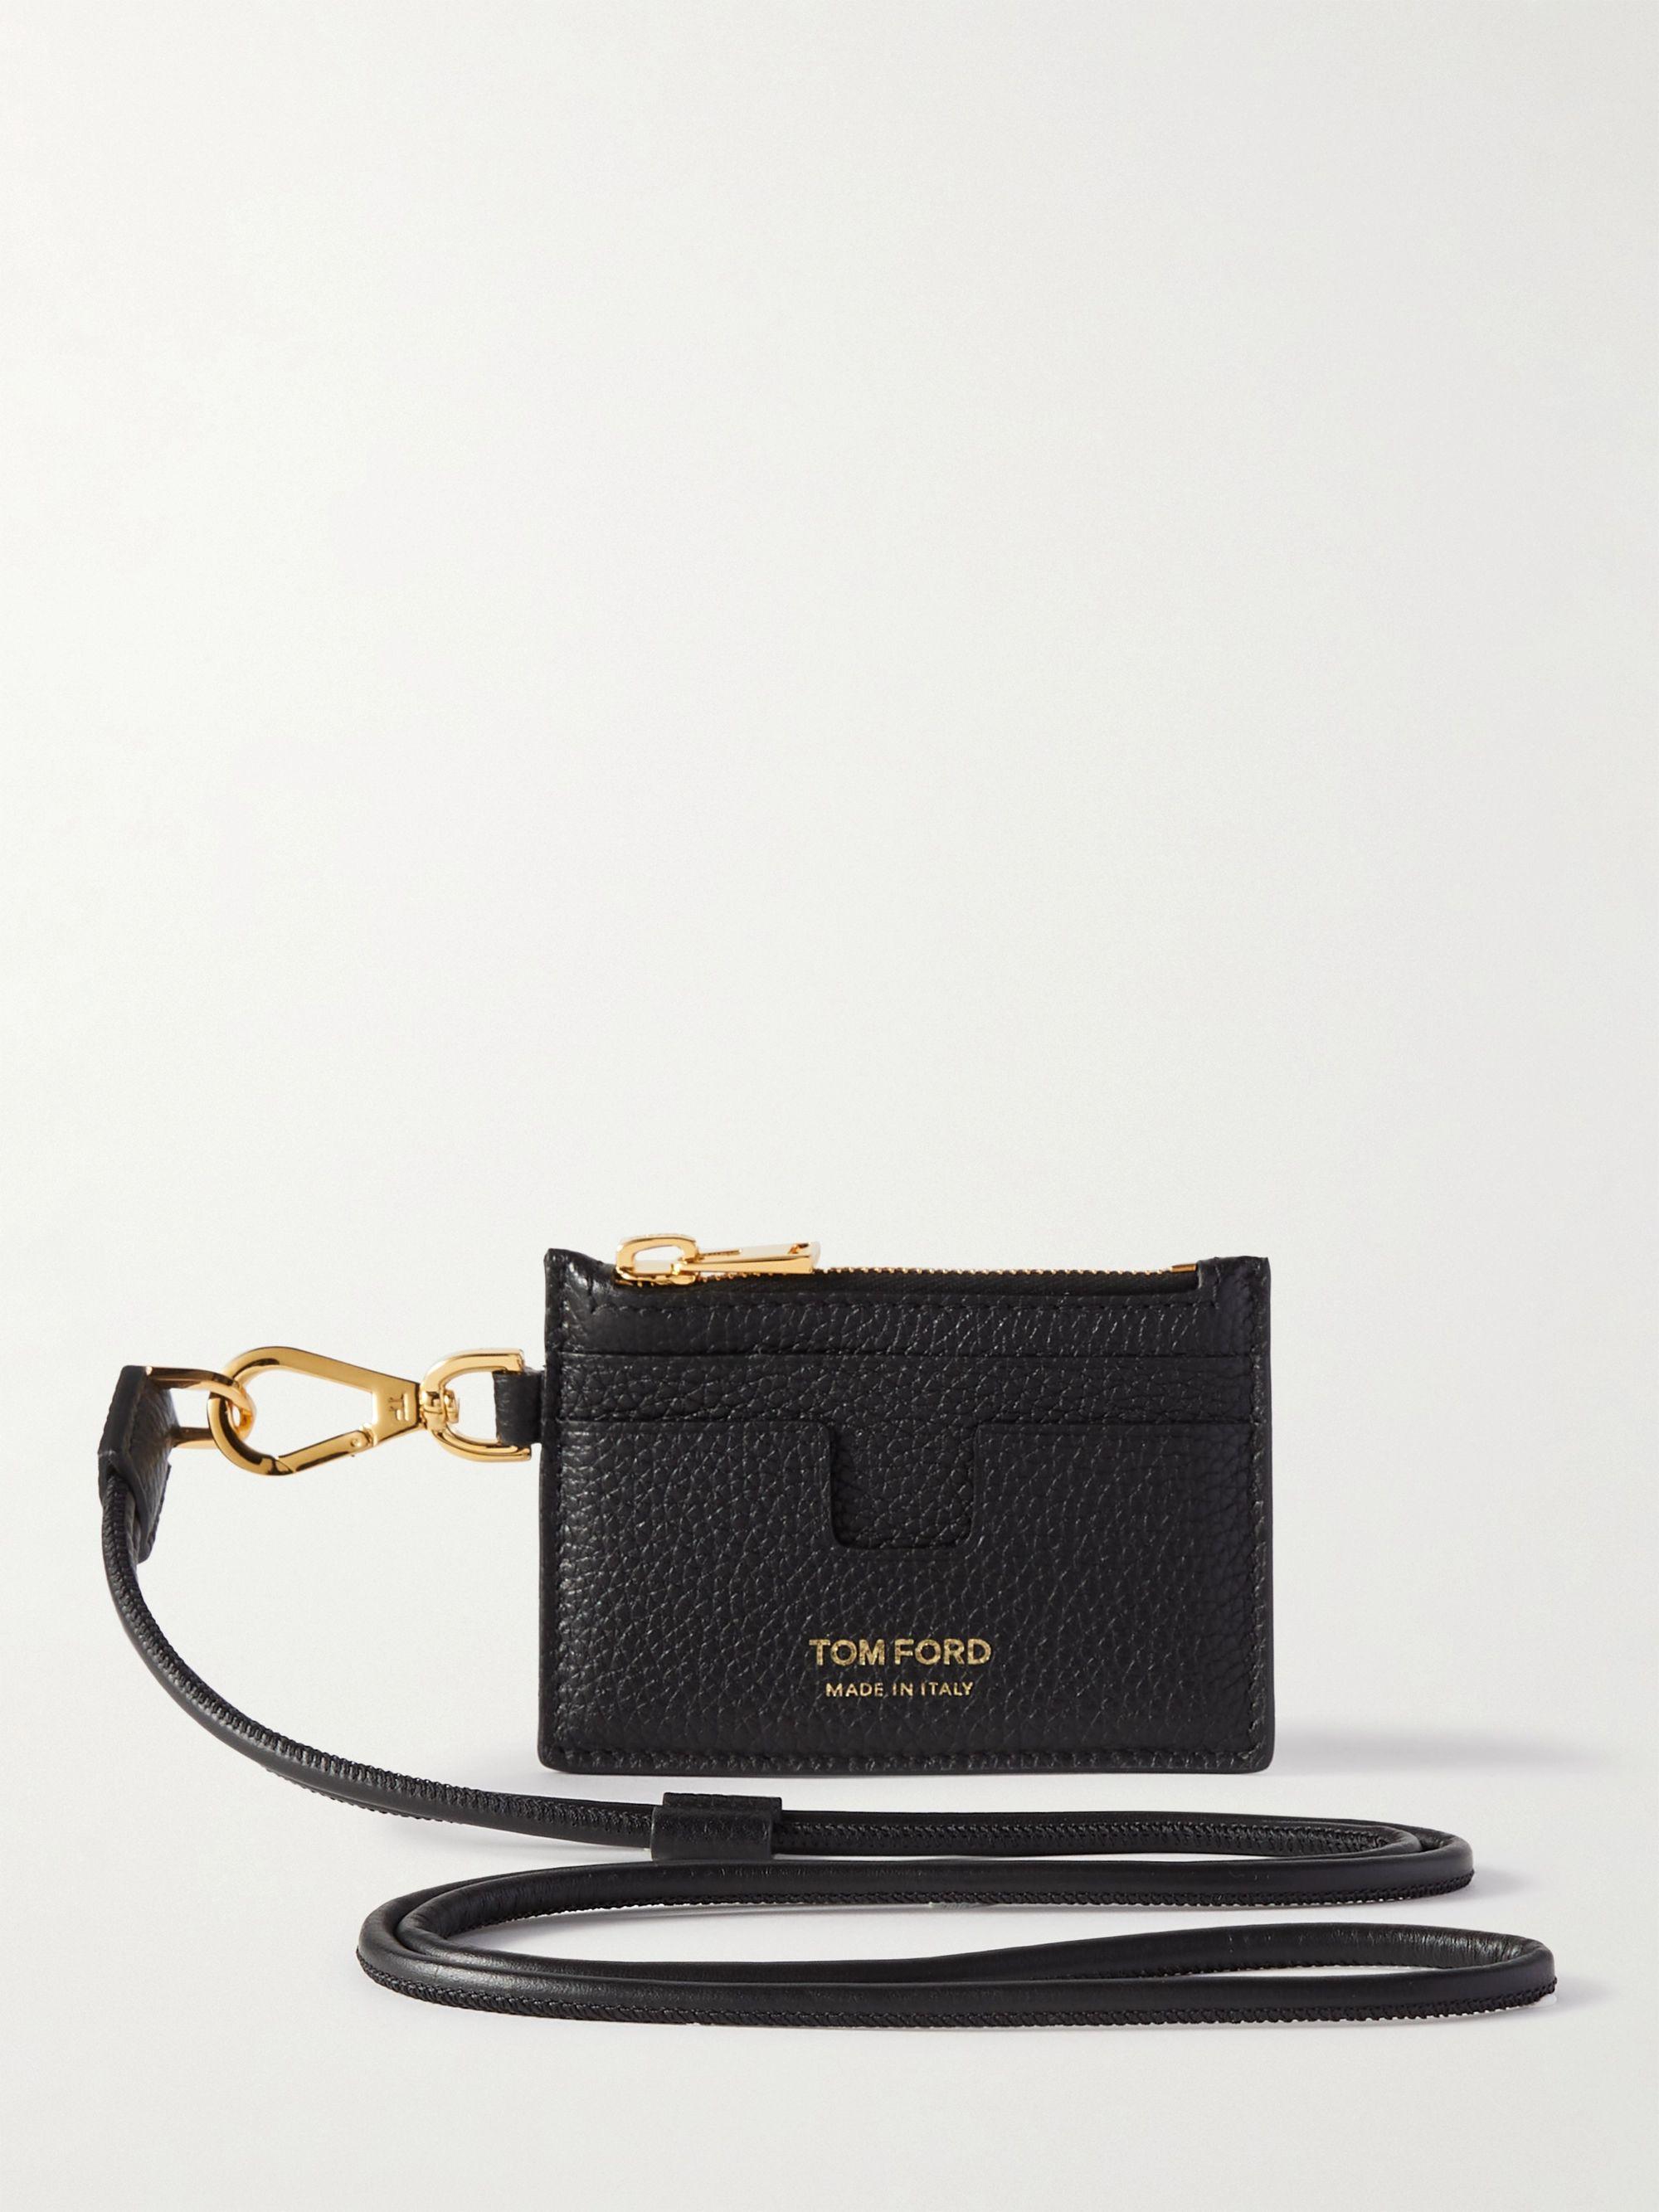 톰 포드 카드 지갑 Tom Ford Leather Zipped Cardholder with Lanyard,Black